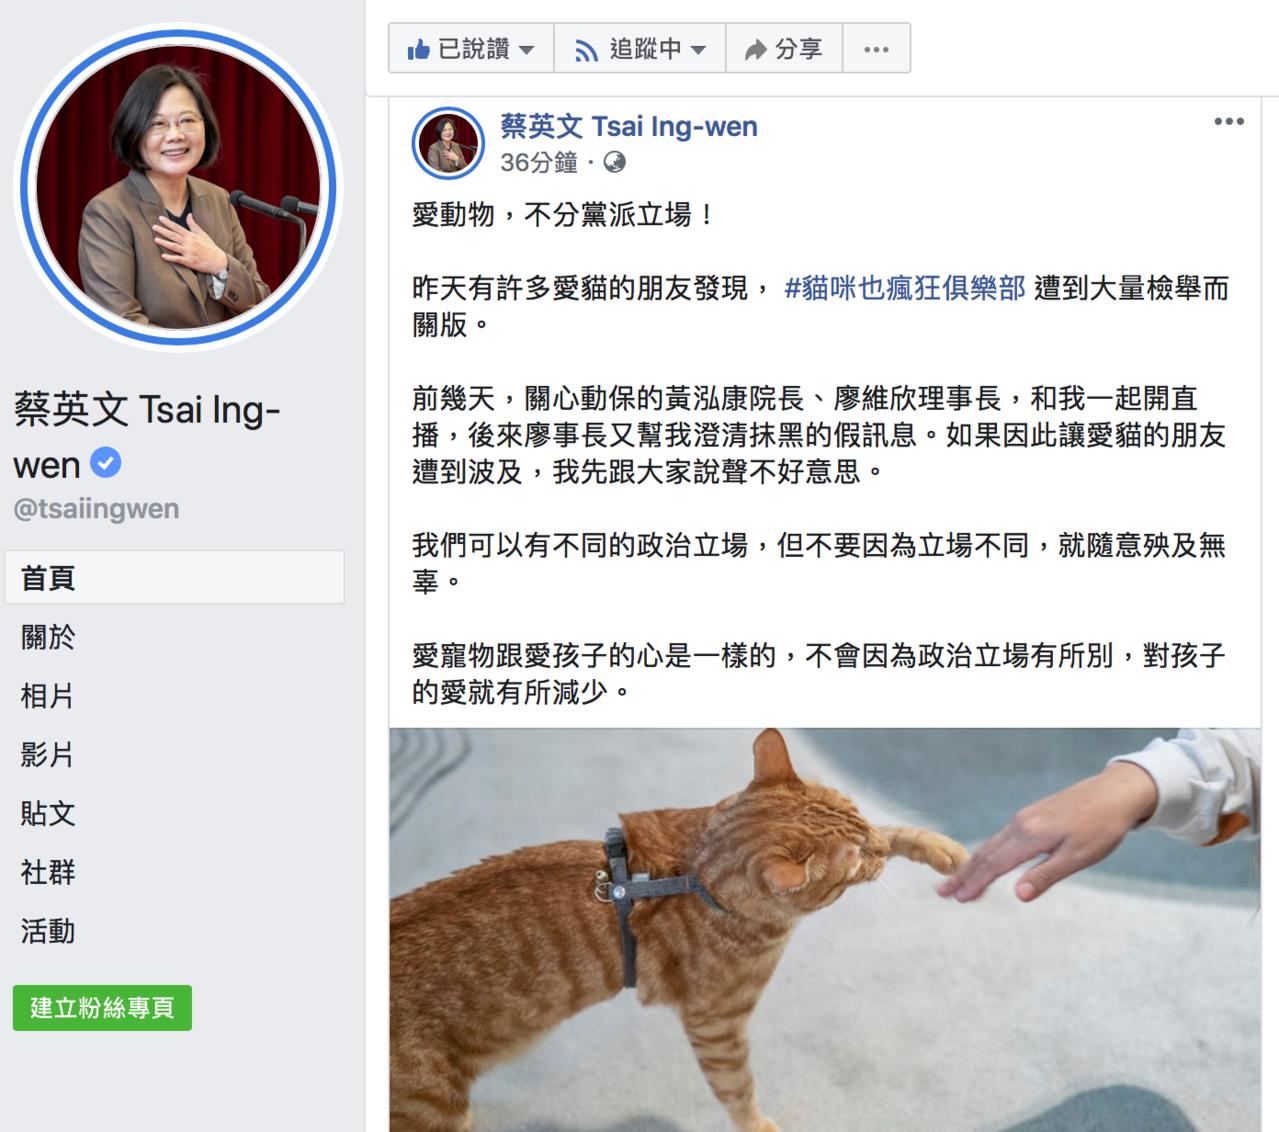 臉書社團「貓咪也瘋狂俱樂部 CrazyCat club」遭惡意下架,蔡英文總統今...